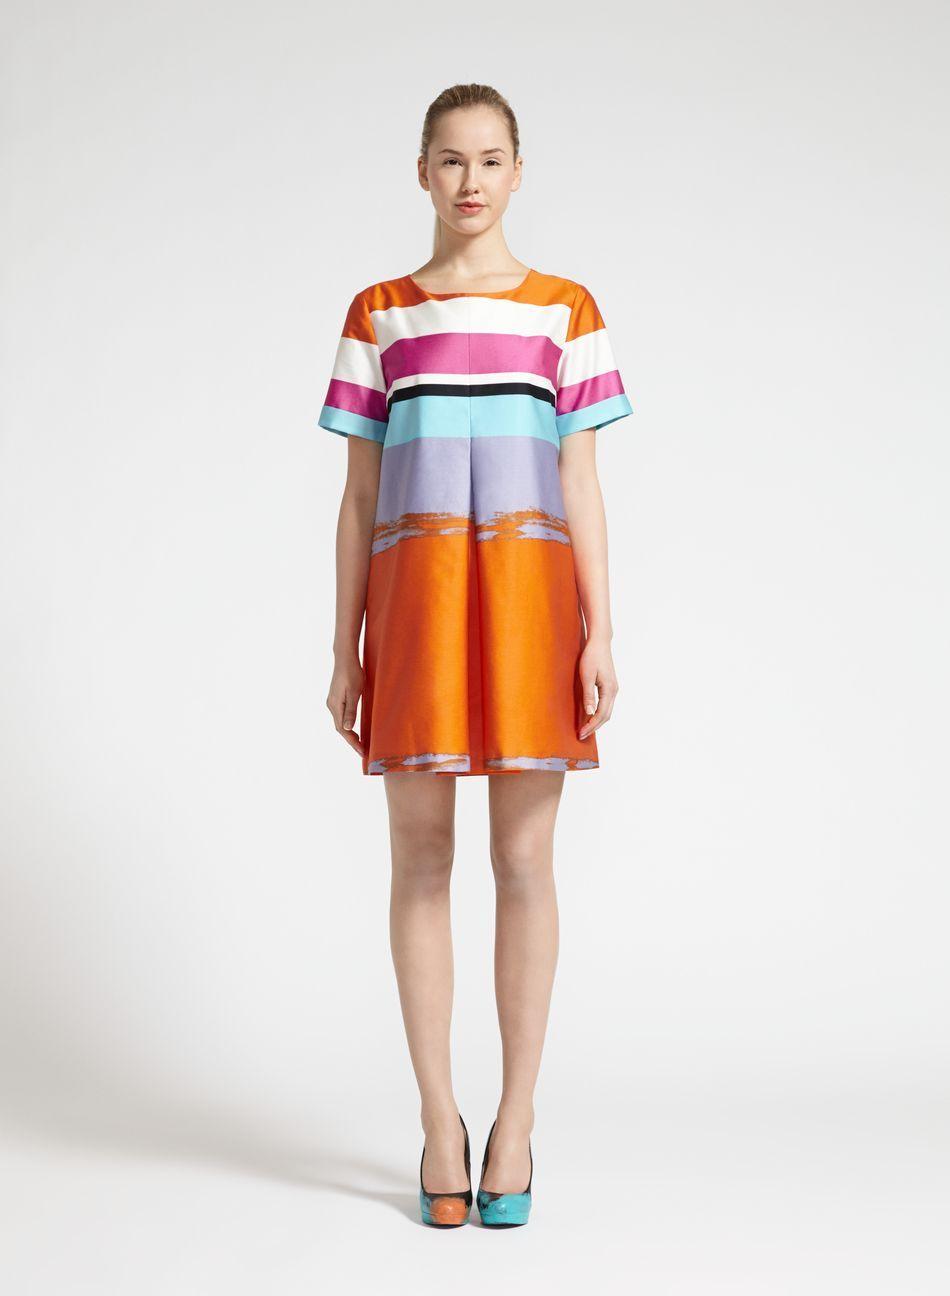 Pastelli-mekko (oranssi, v.violetti, turkoosi) |Vaatteet, Naiset, Mekot ja hameet | Marimekko